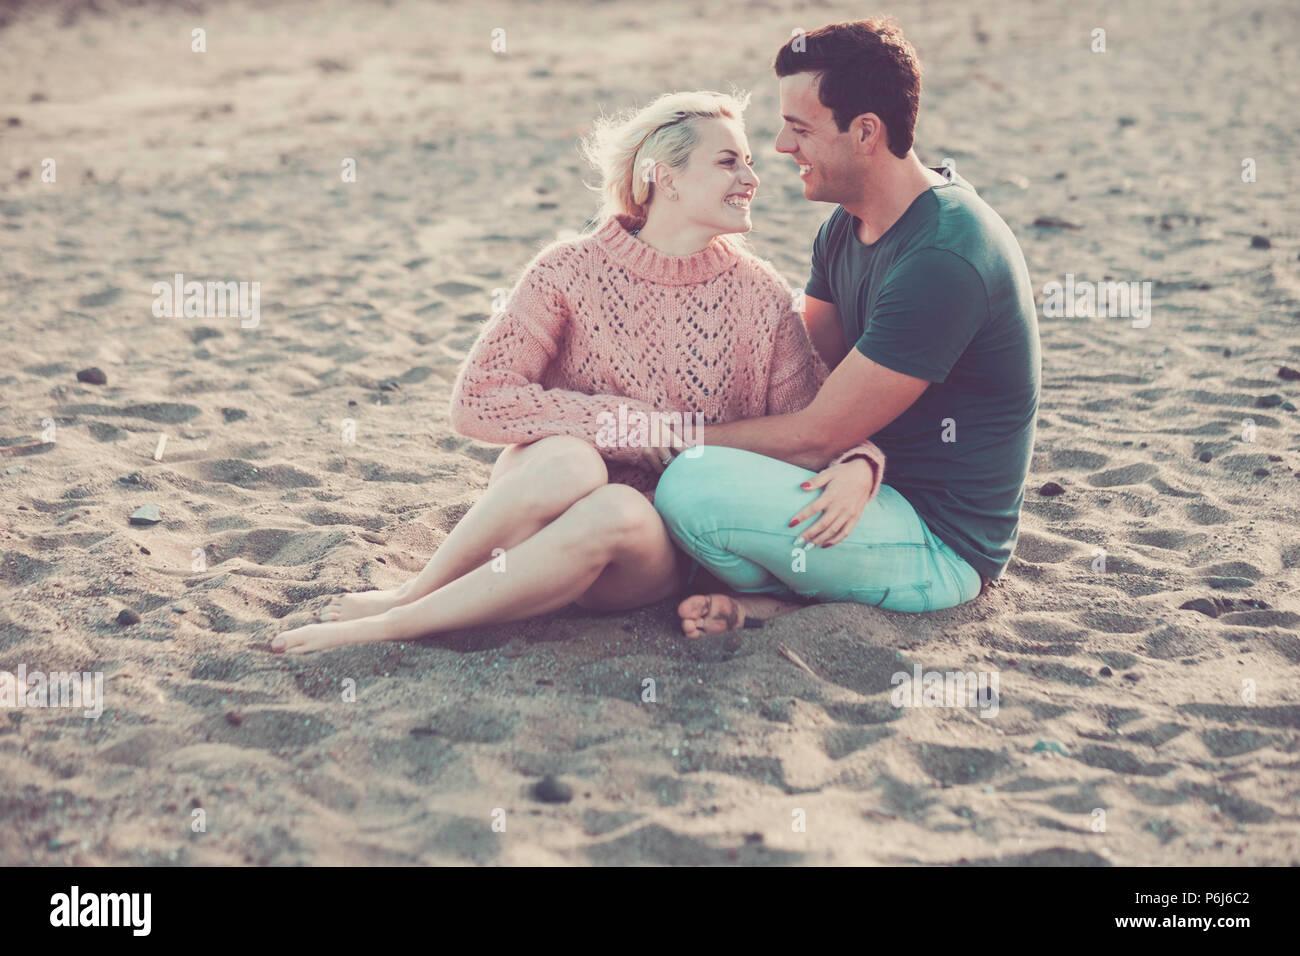 Beau modèle couple portrait jeune femme et l'homme rester amoureux hugging et assis sur la plage. blonde et des cheveux noirs en plein air leisu de relation Photo Stock